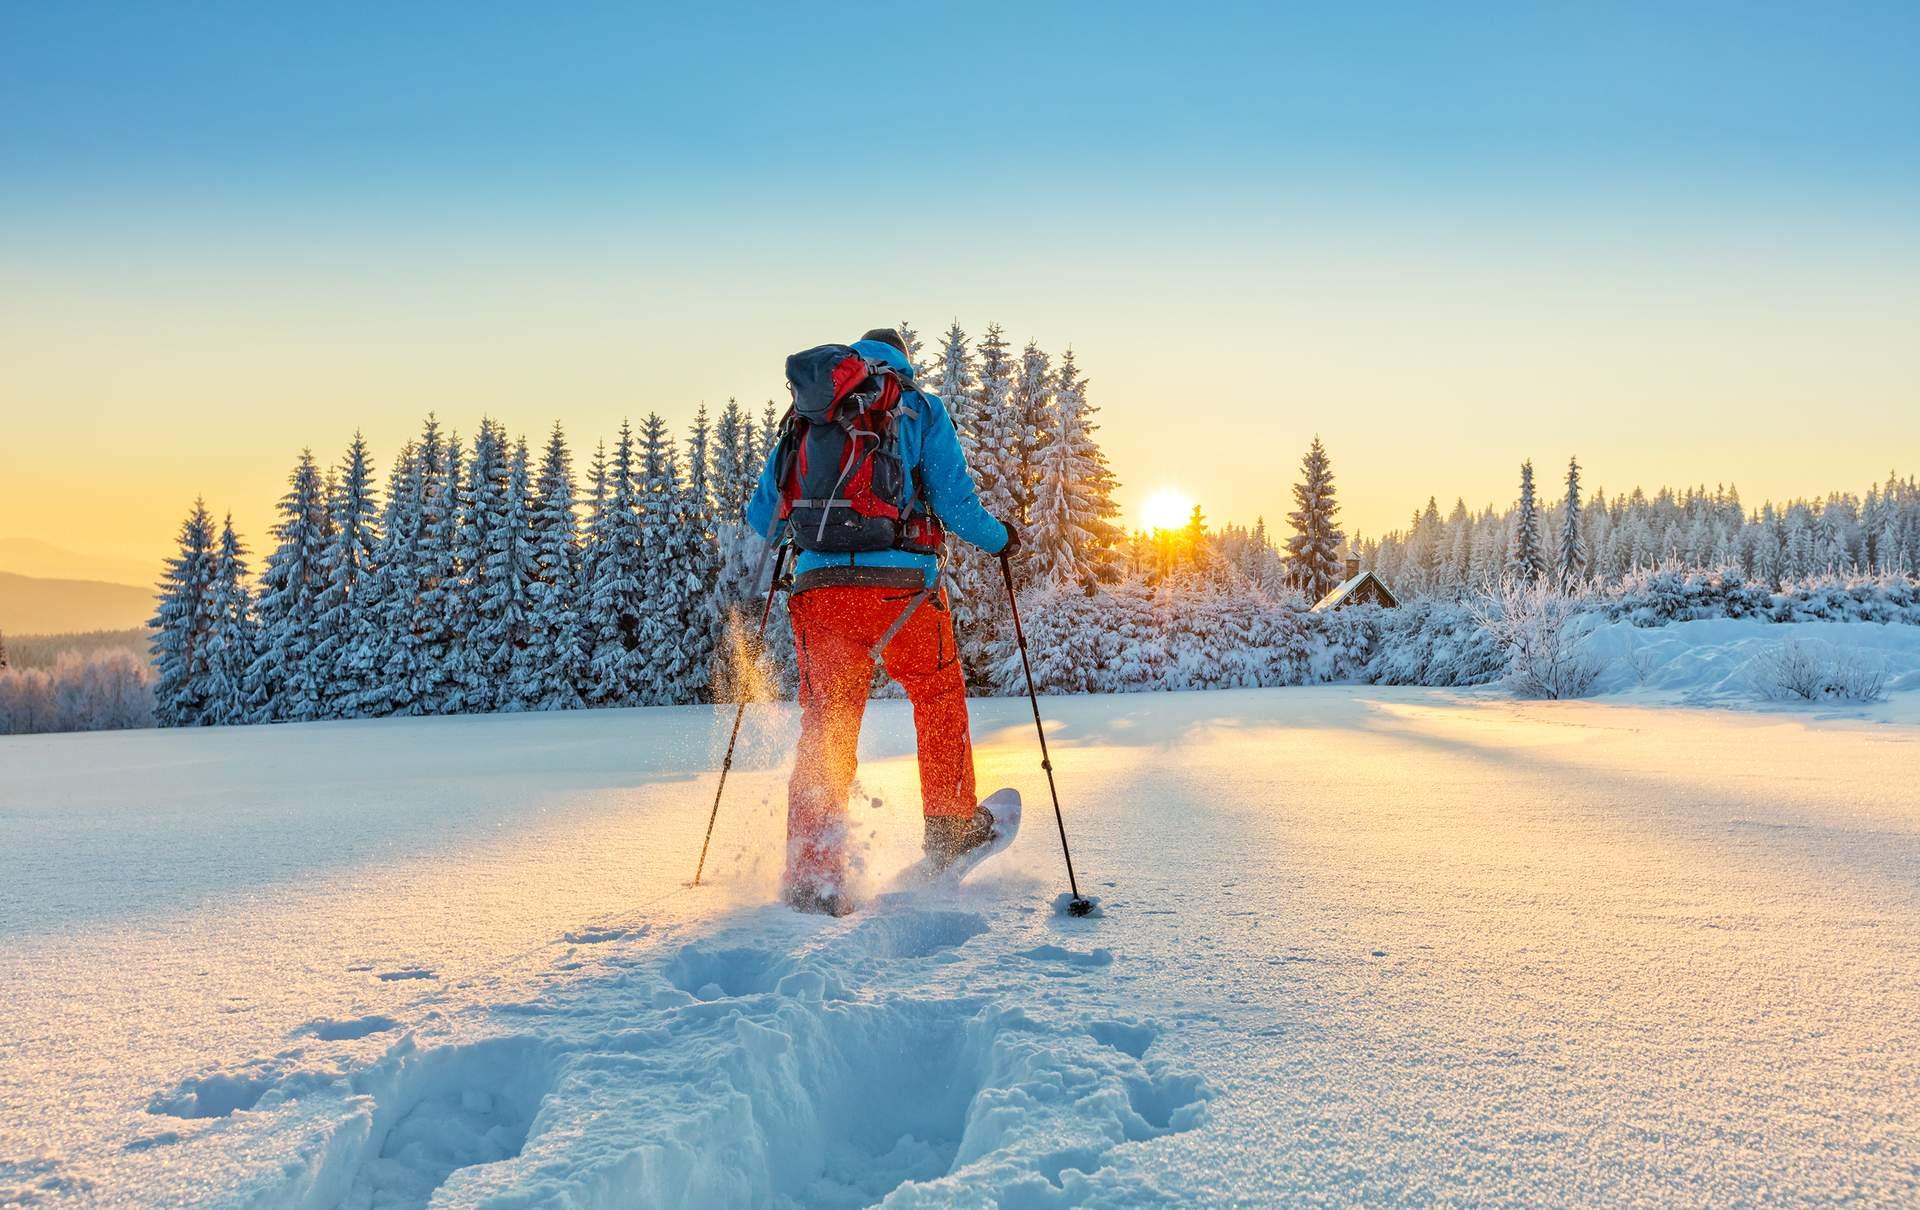 Finnland: Schneeschuhwanderung